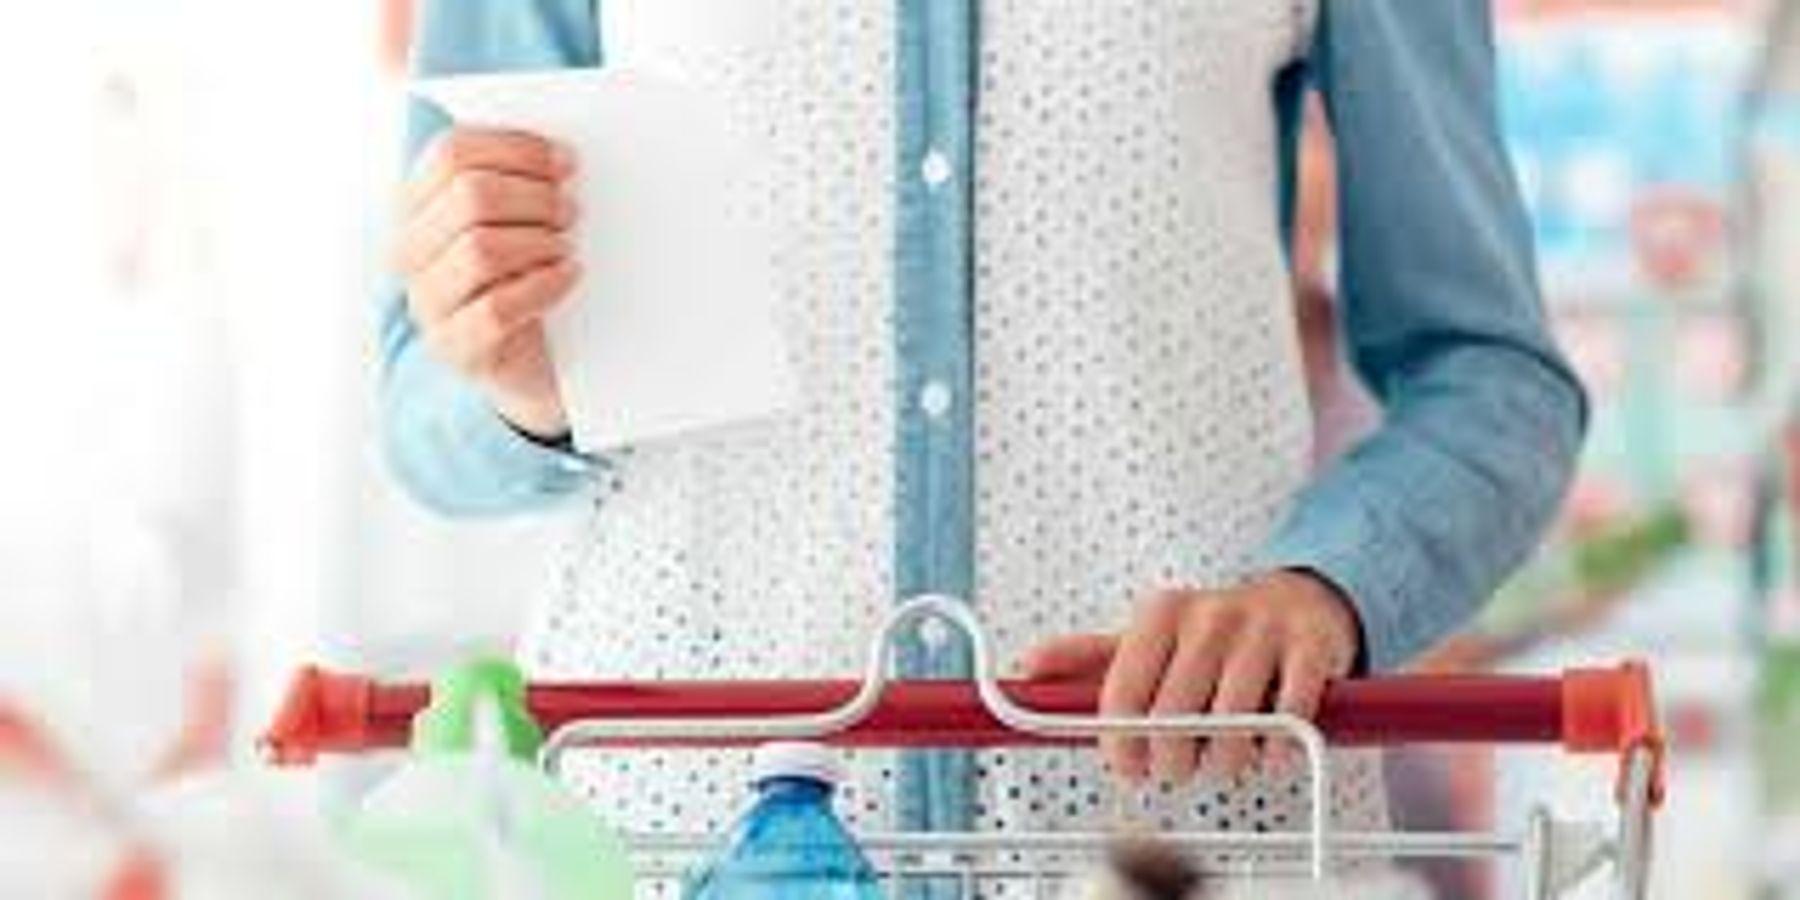 Bỏ những thói quen mua sắm cá nhân không cần thiết